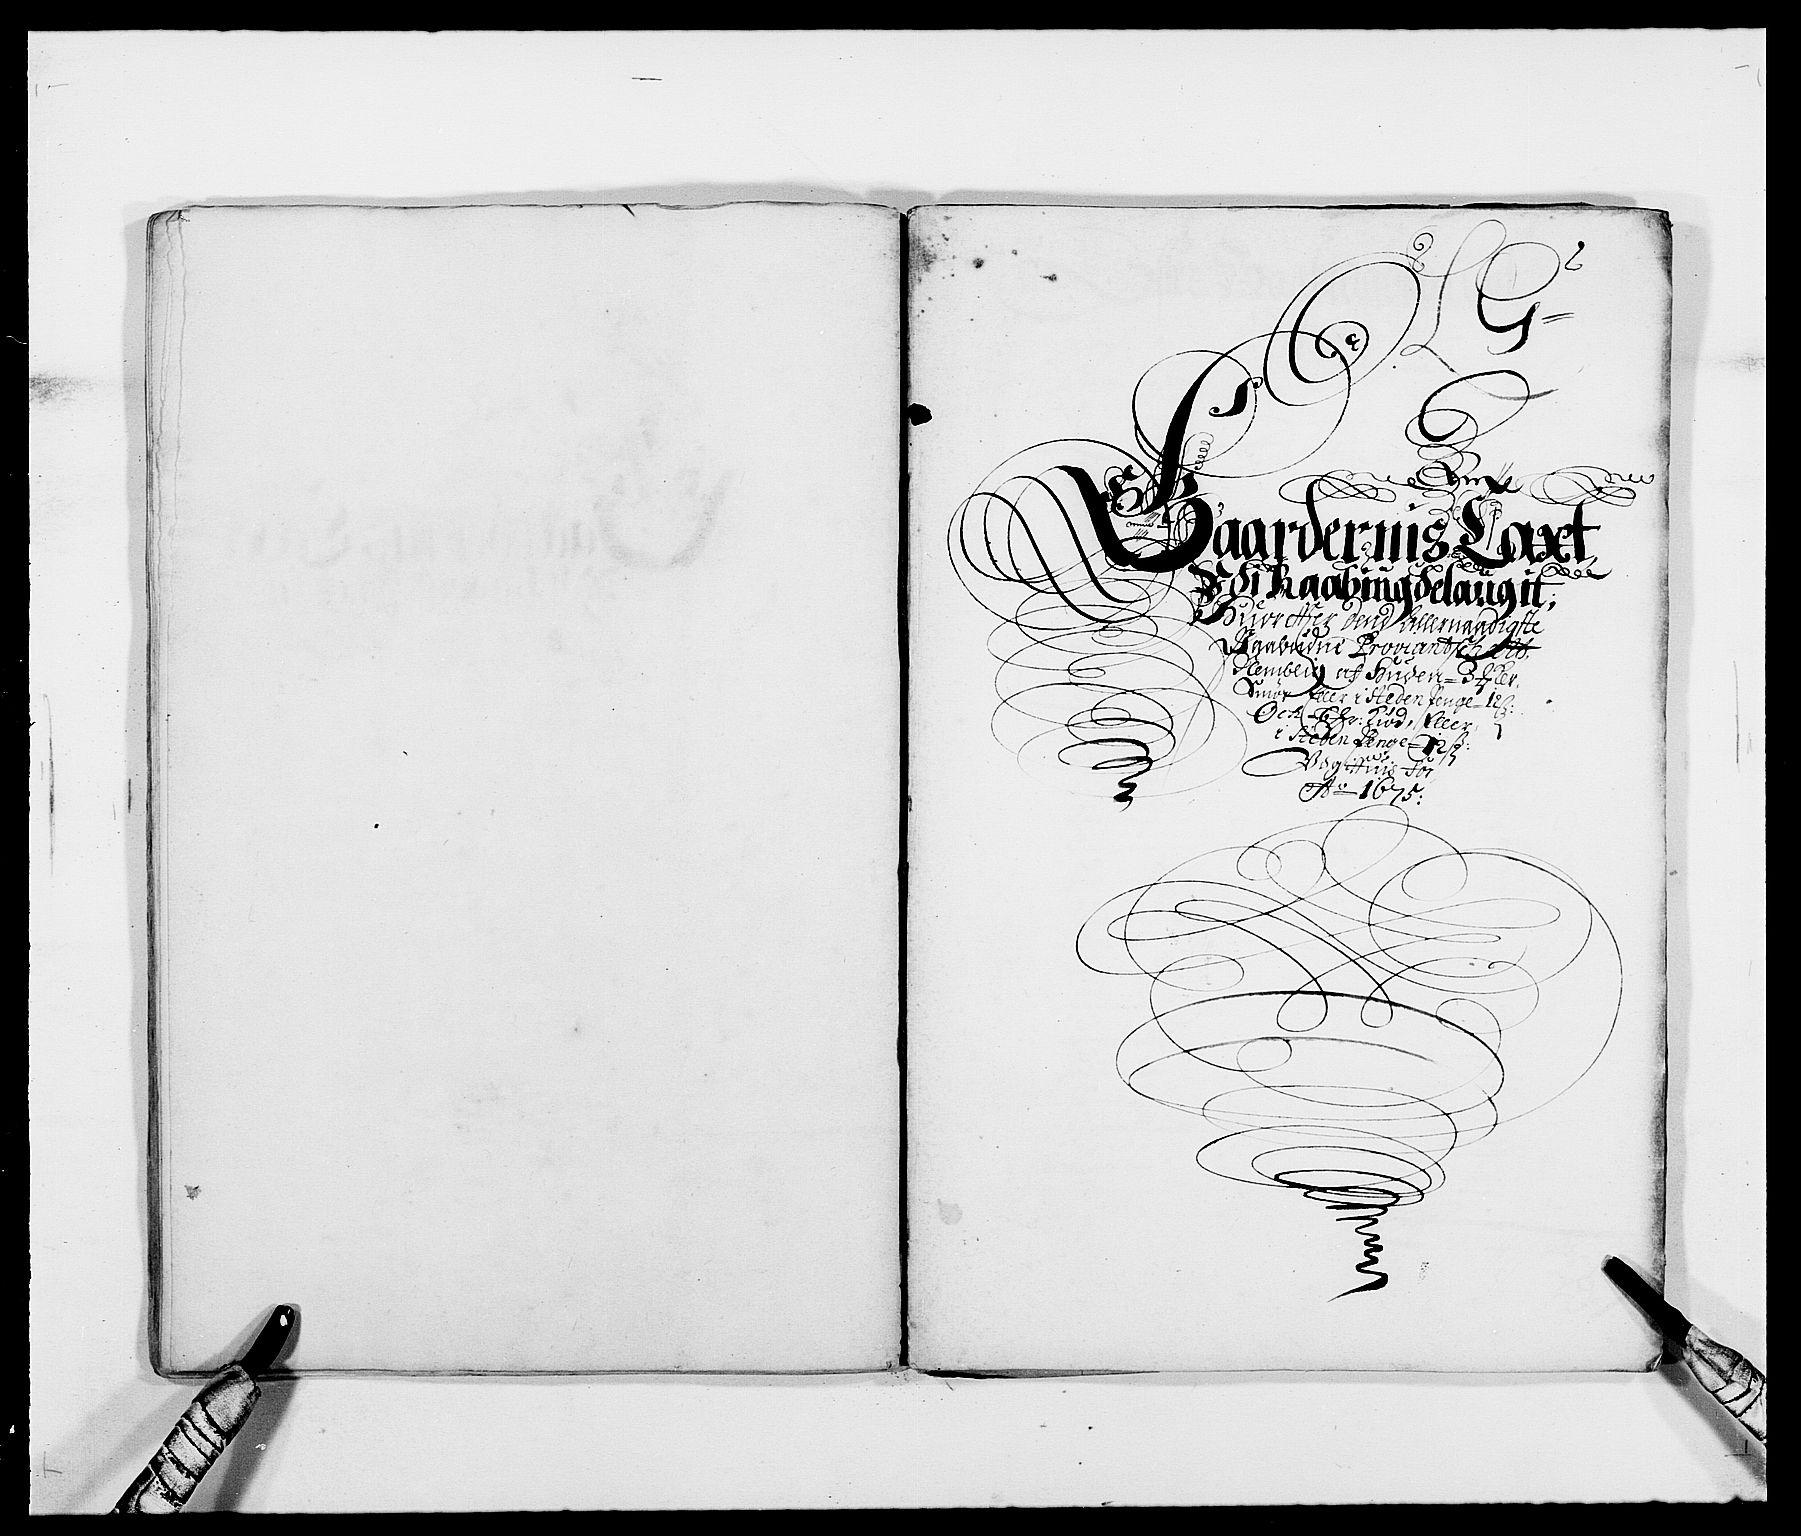 RA, Rentekammeret inntil 1814, Reviderte regnskaper, Fogderegnskap, R40/L2434: Fogderegnskap Råbyggelag, 1675-1676, s. 72